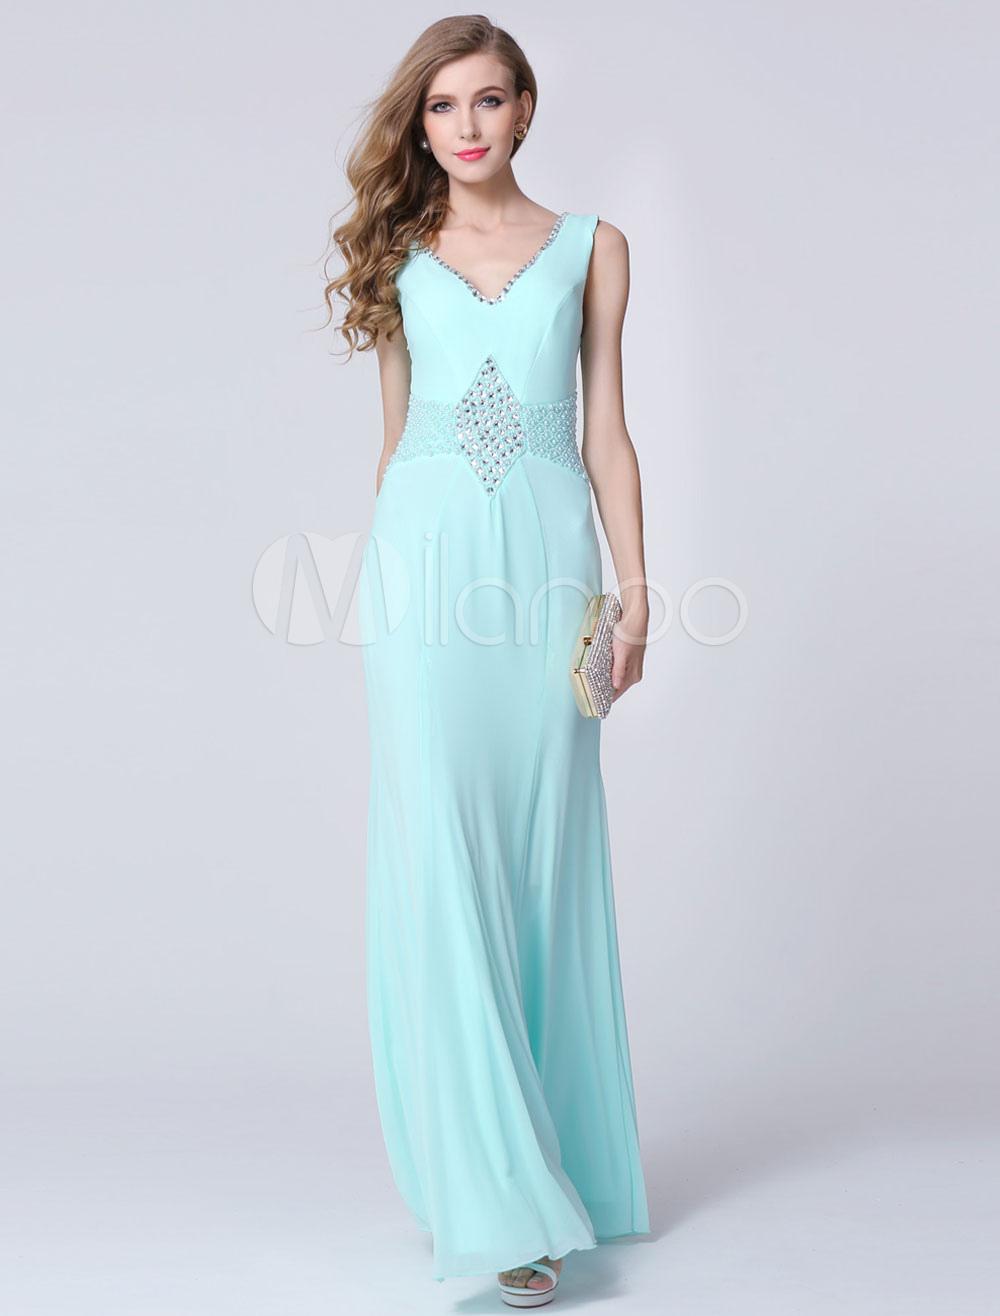 Light Sky Blue Double V-Look Mermaid Chiffon Prom Dress with Beading